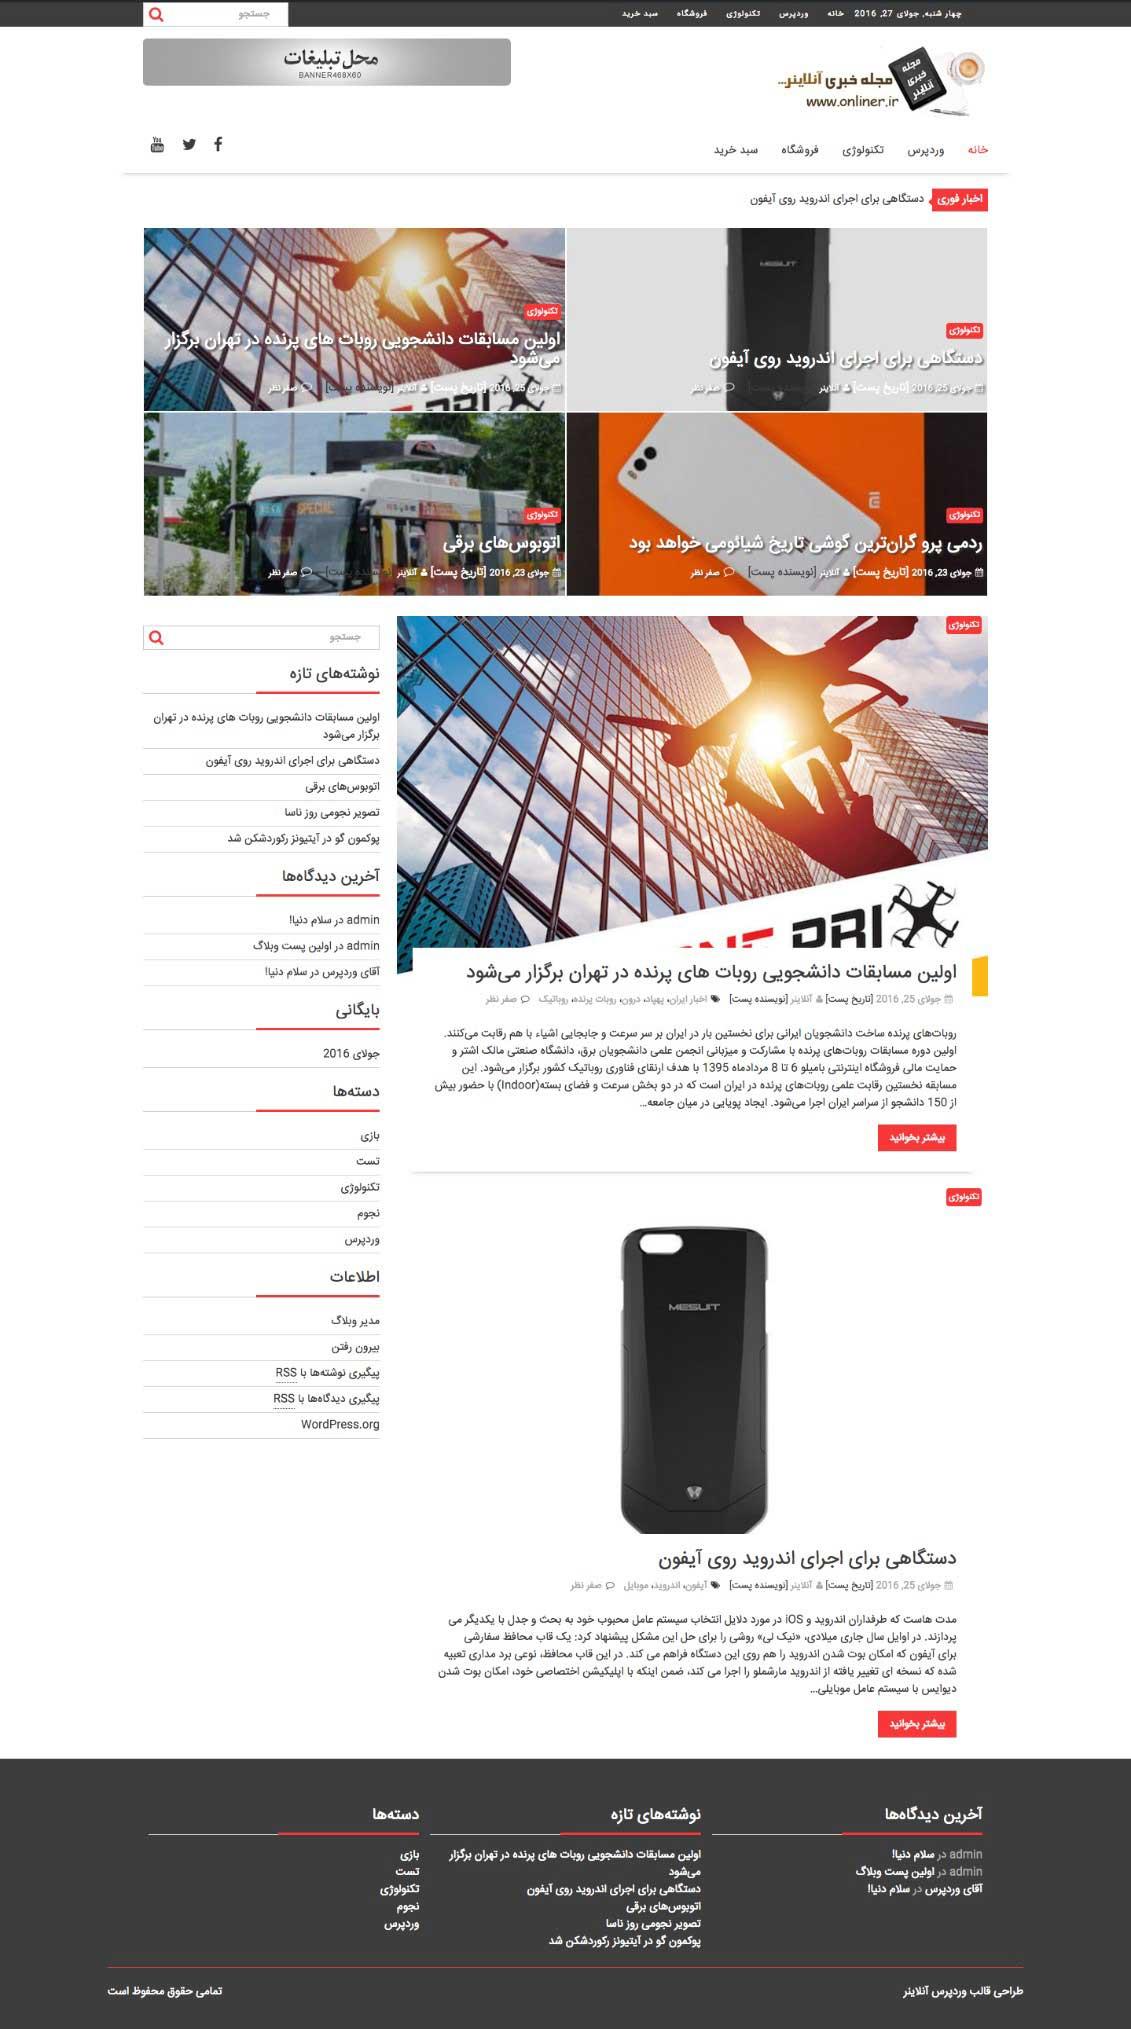 ITMag-homepage